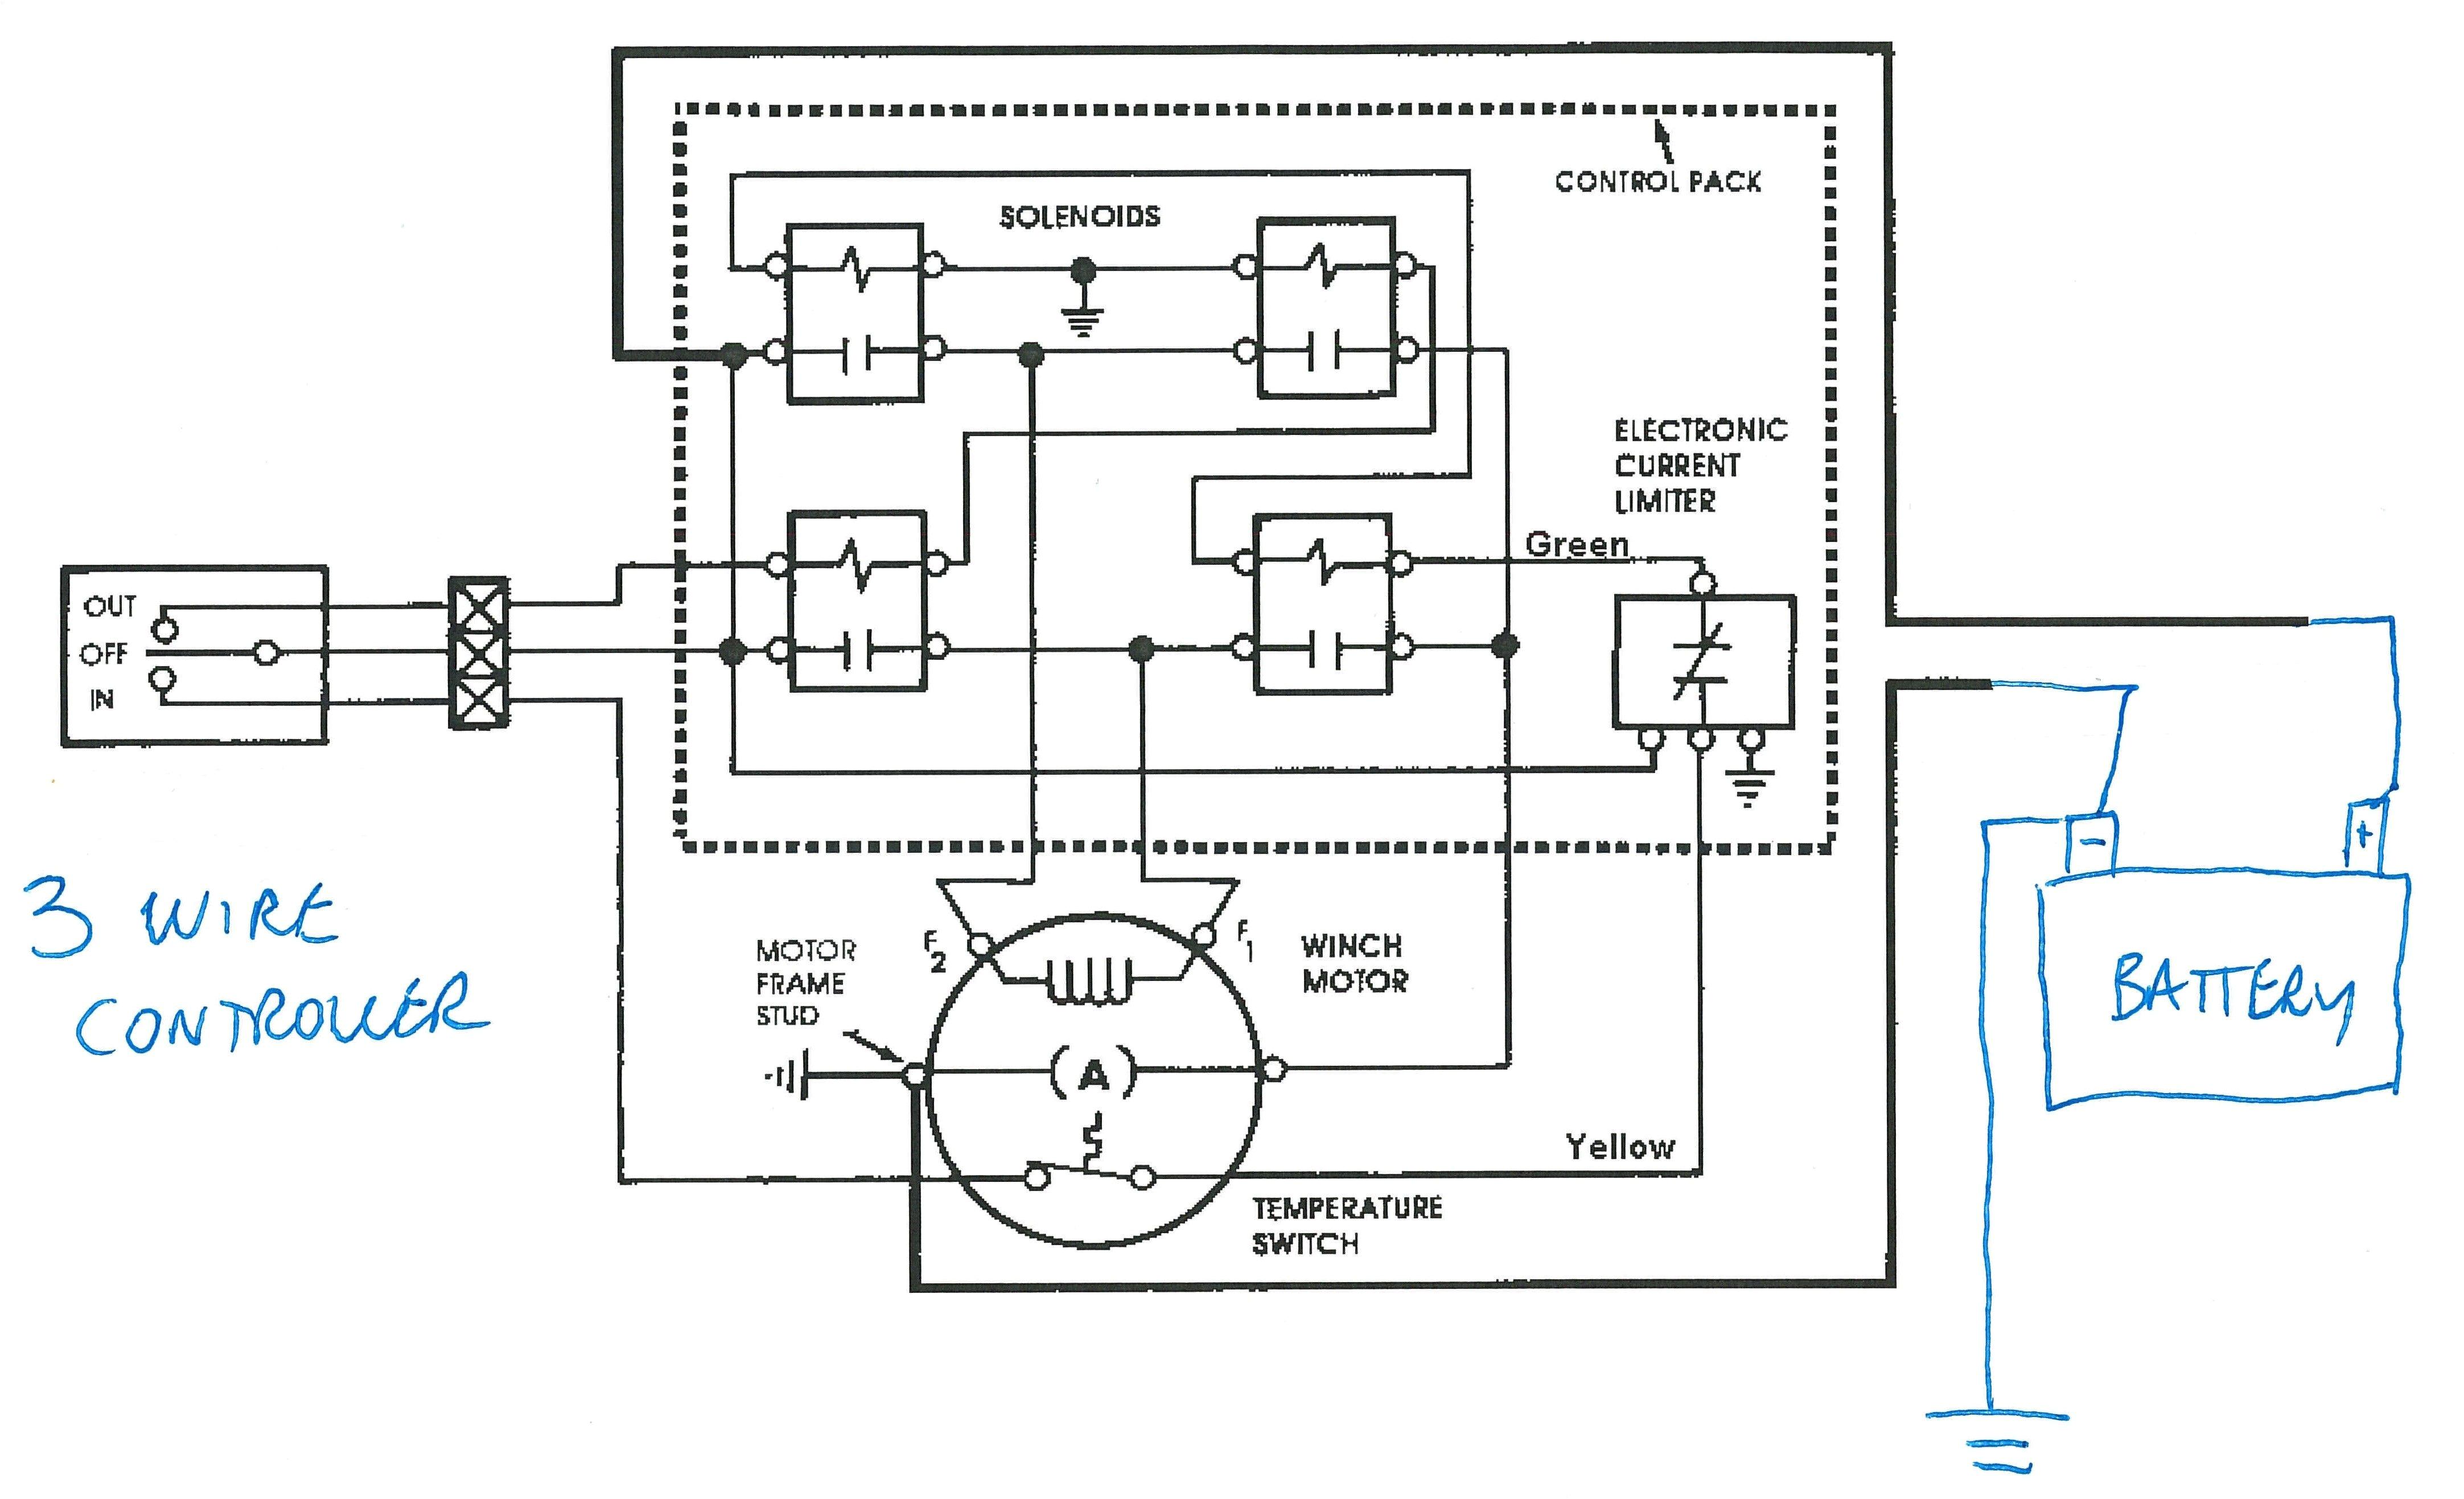 warn winch wiring diagram 4 solenoid unique best warn winch wiring 12 volt led light bulbs 12 volt charging system warn winch wiring